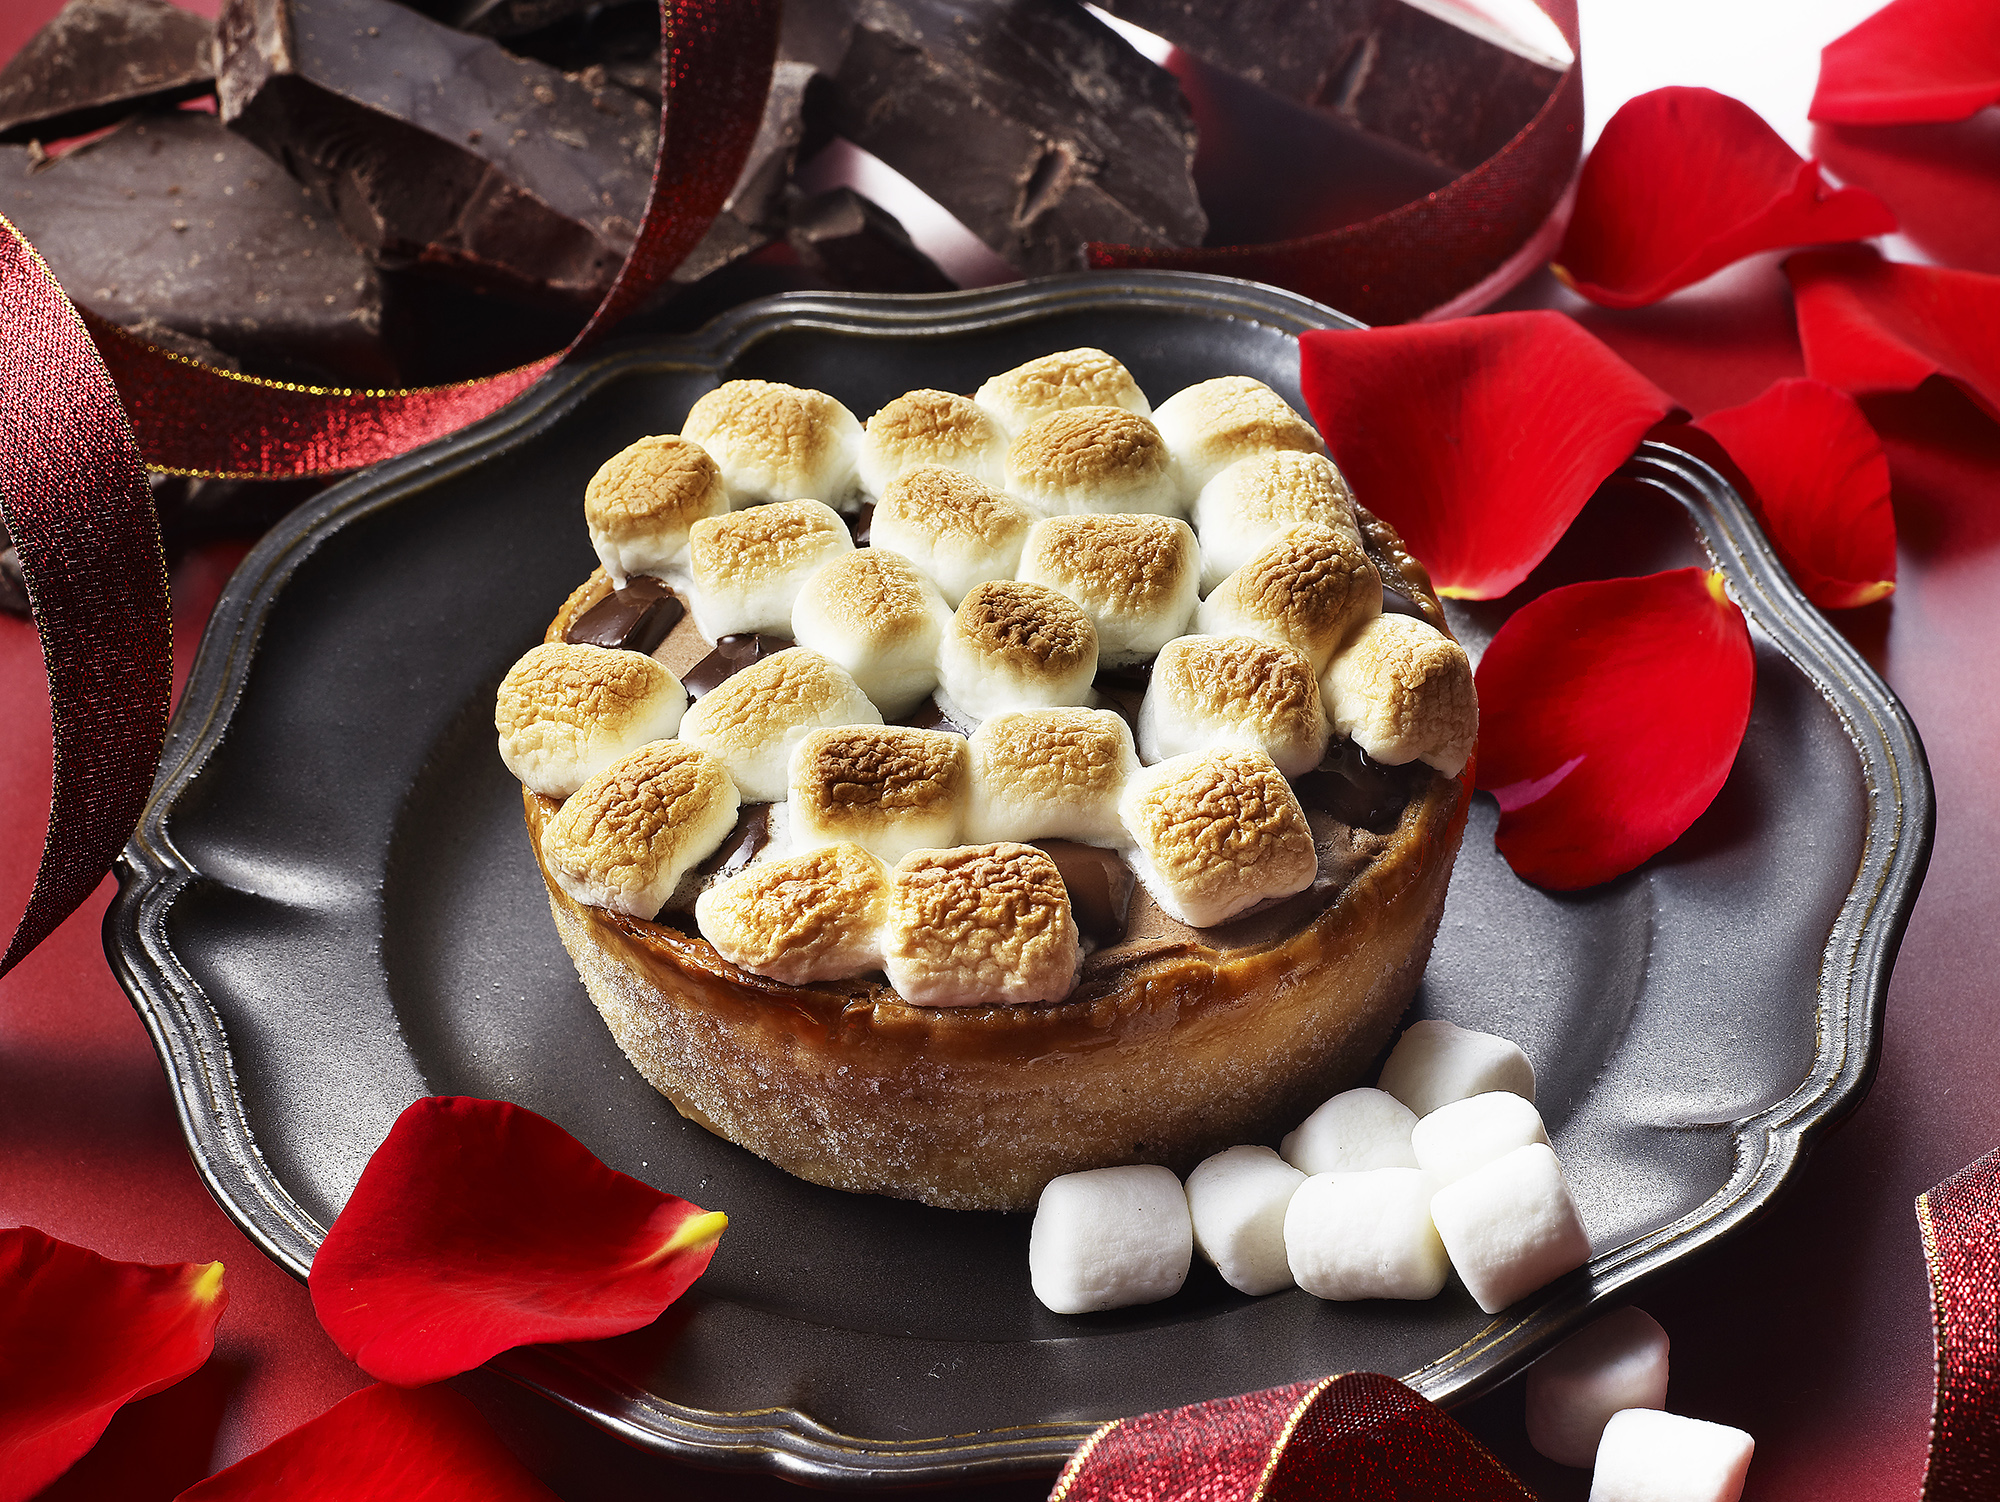 pablo_choco_marshmallow_minit_yoko_01_k